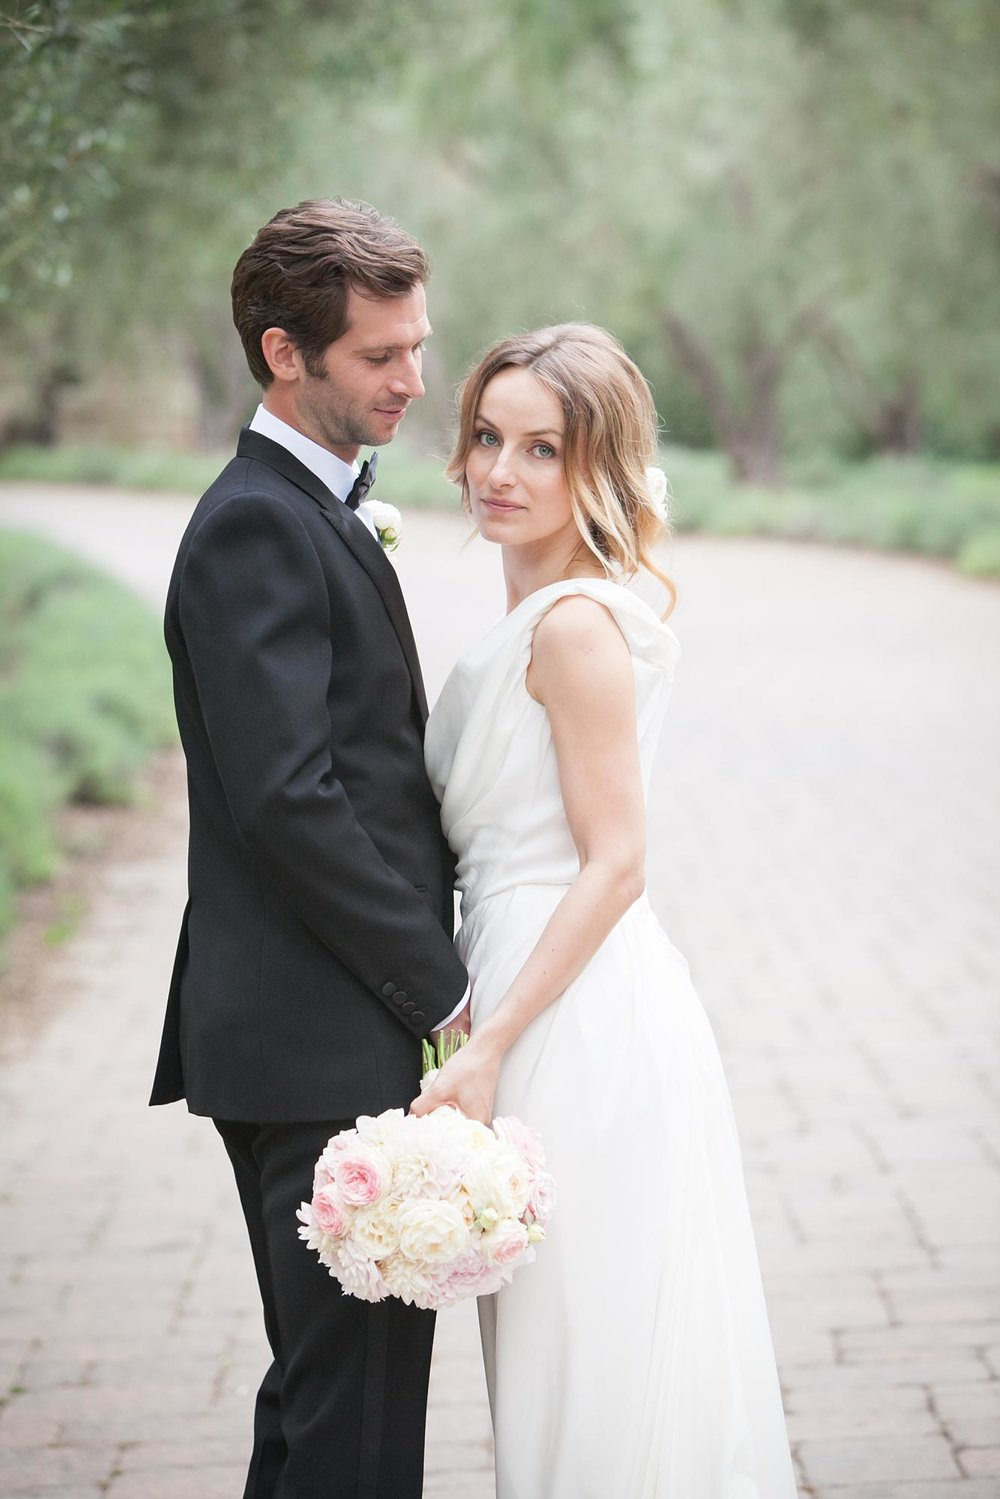 San Ysidro Ranch Wedding | Miki & Sonja Photography | mikiandsonja.comWedding | Miki & Sonja Photography | mikiandsonja.com